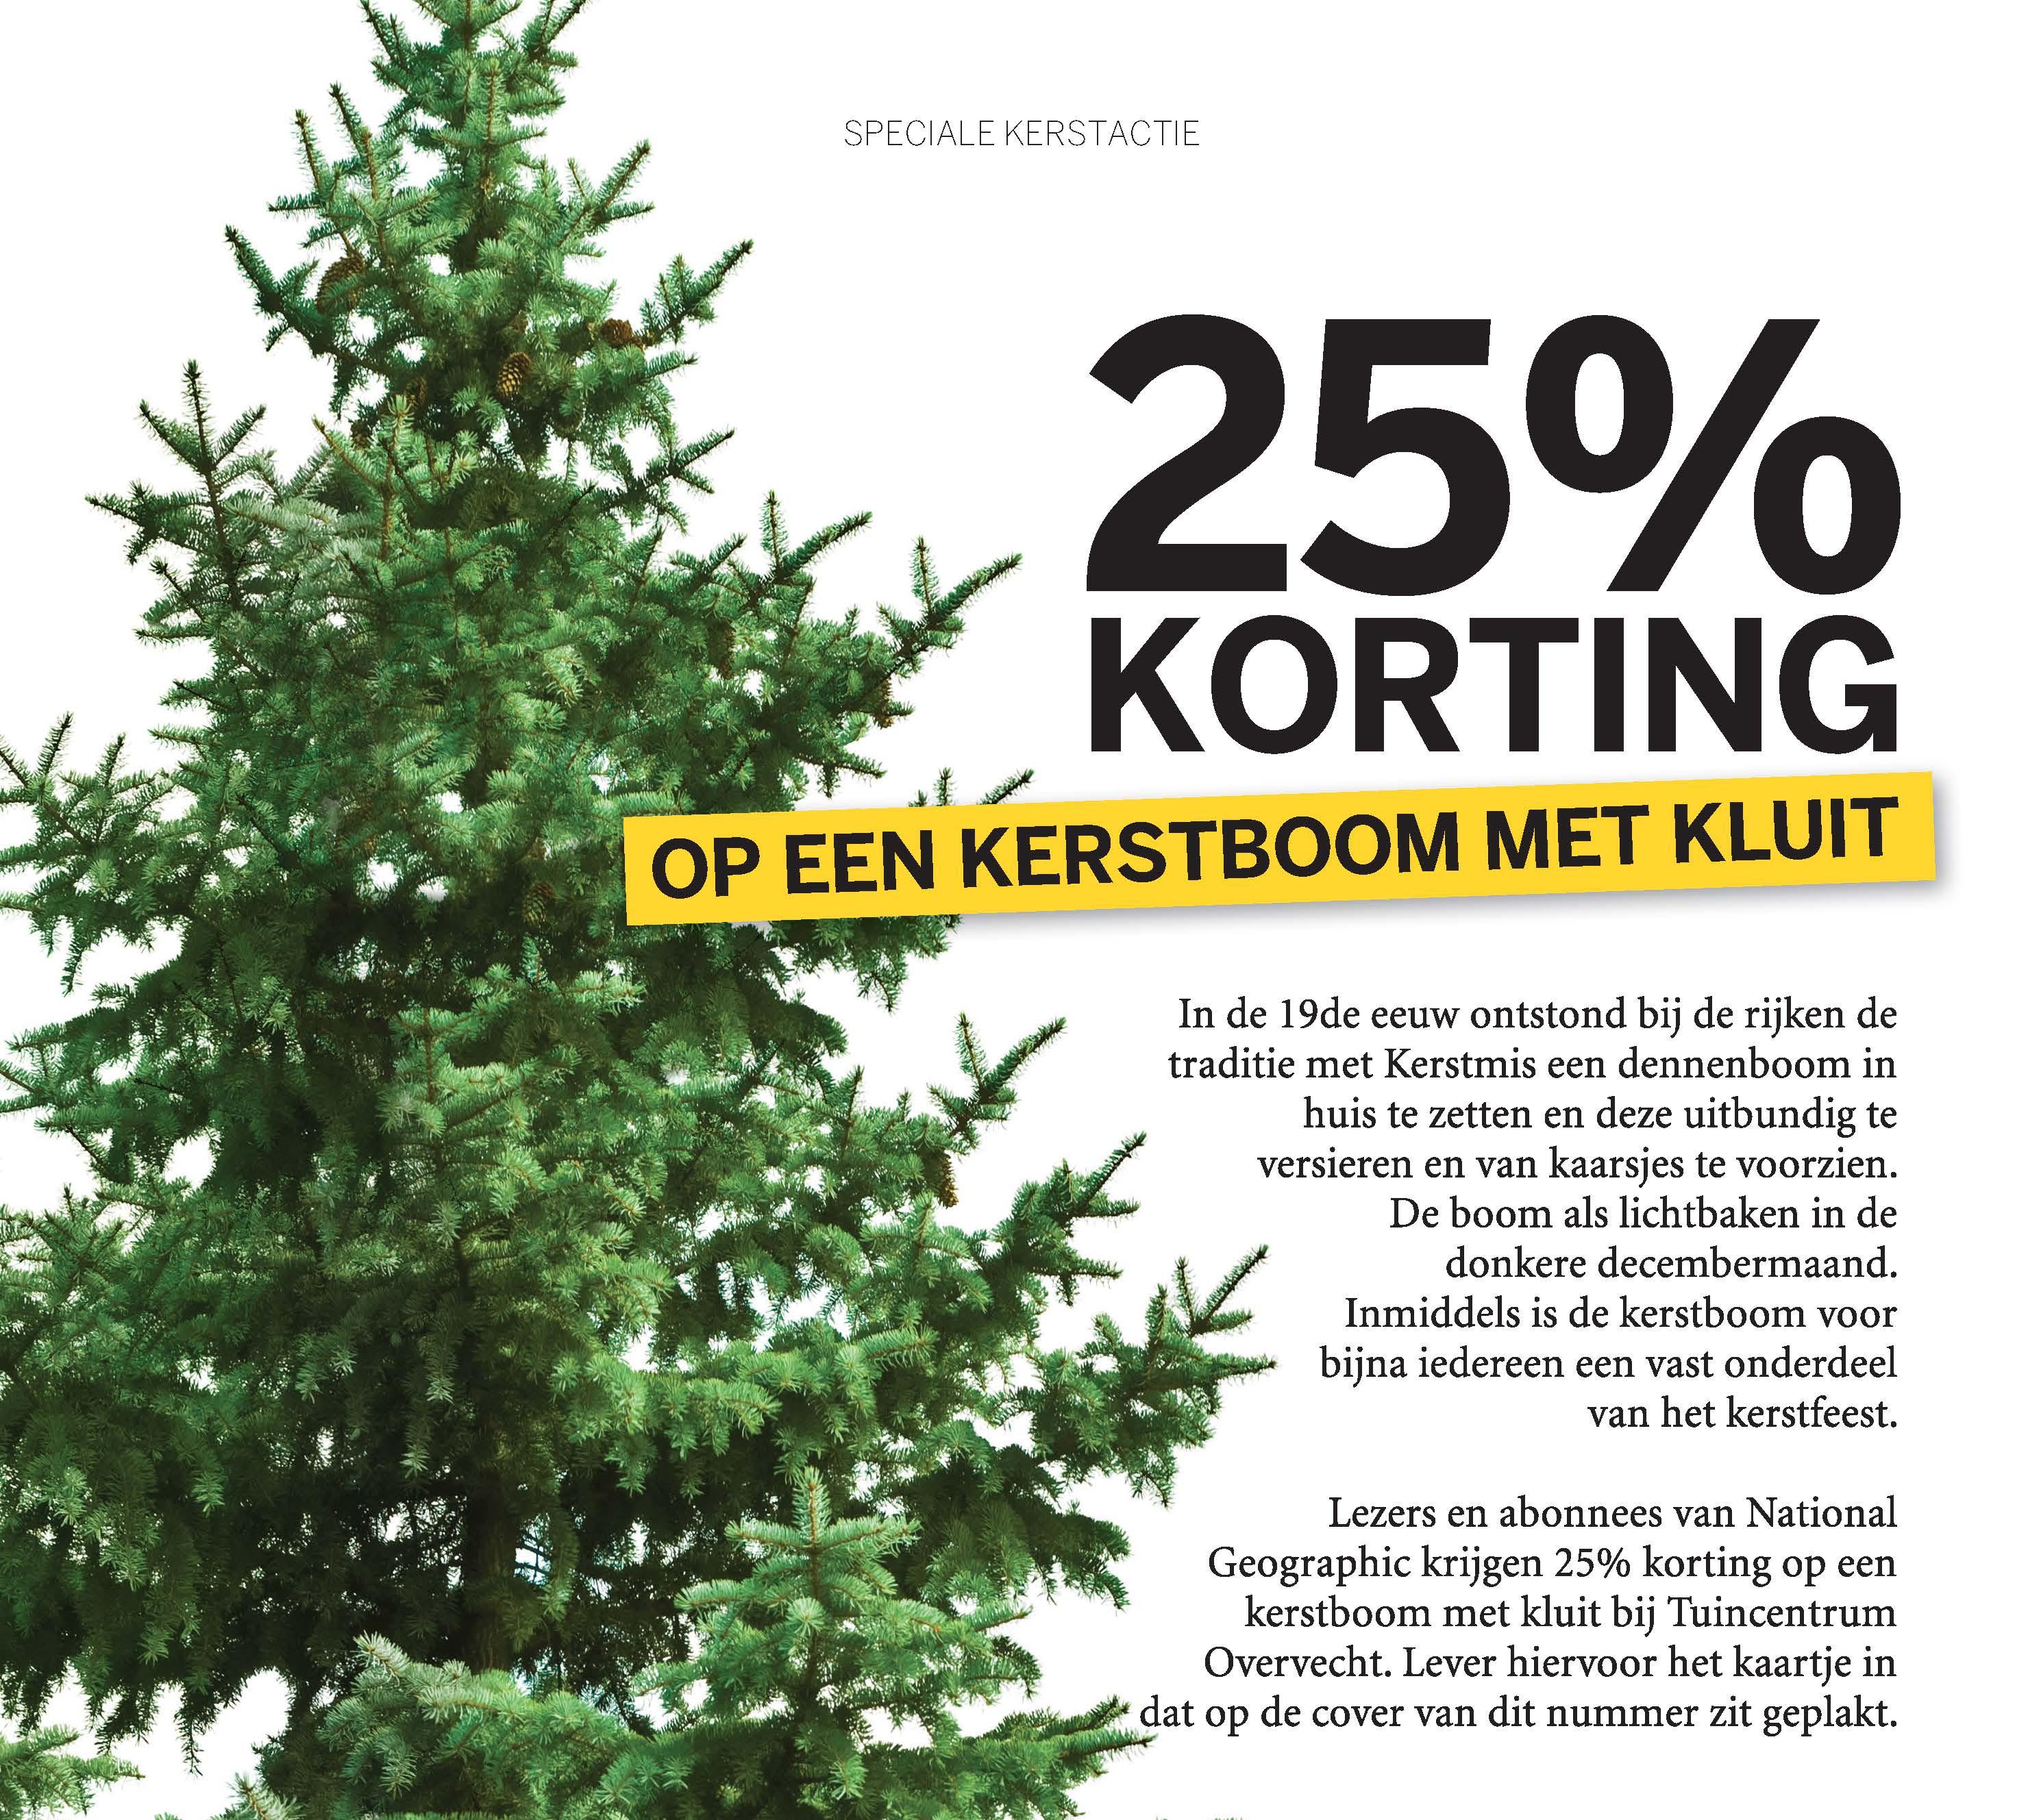 Kerstbomen in alle soorten en maten bij Tuincentrum Overvecht ...